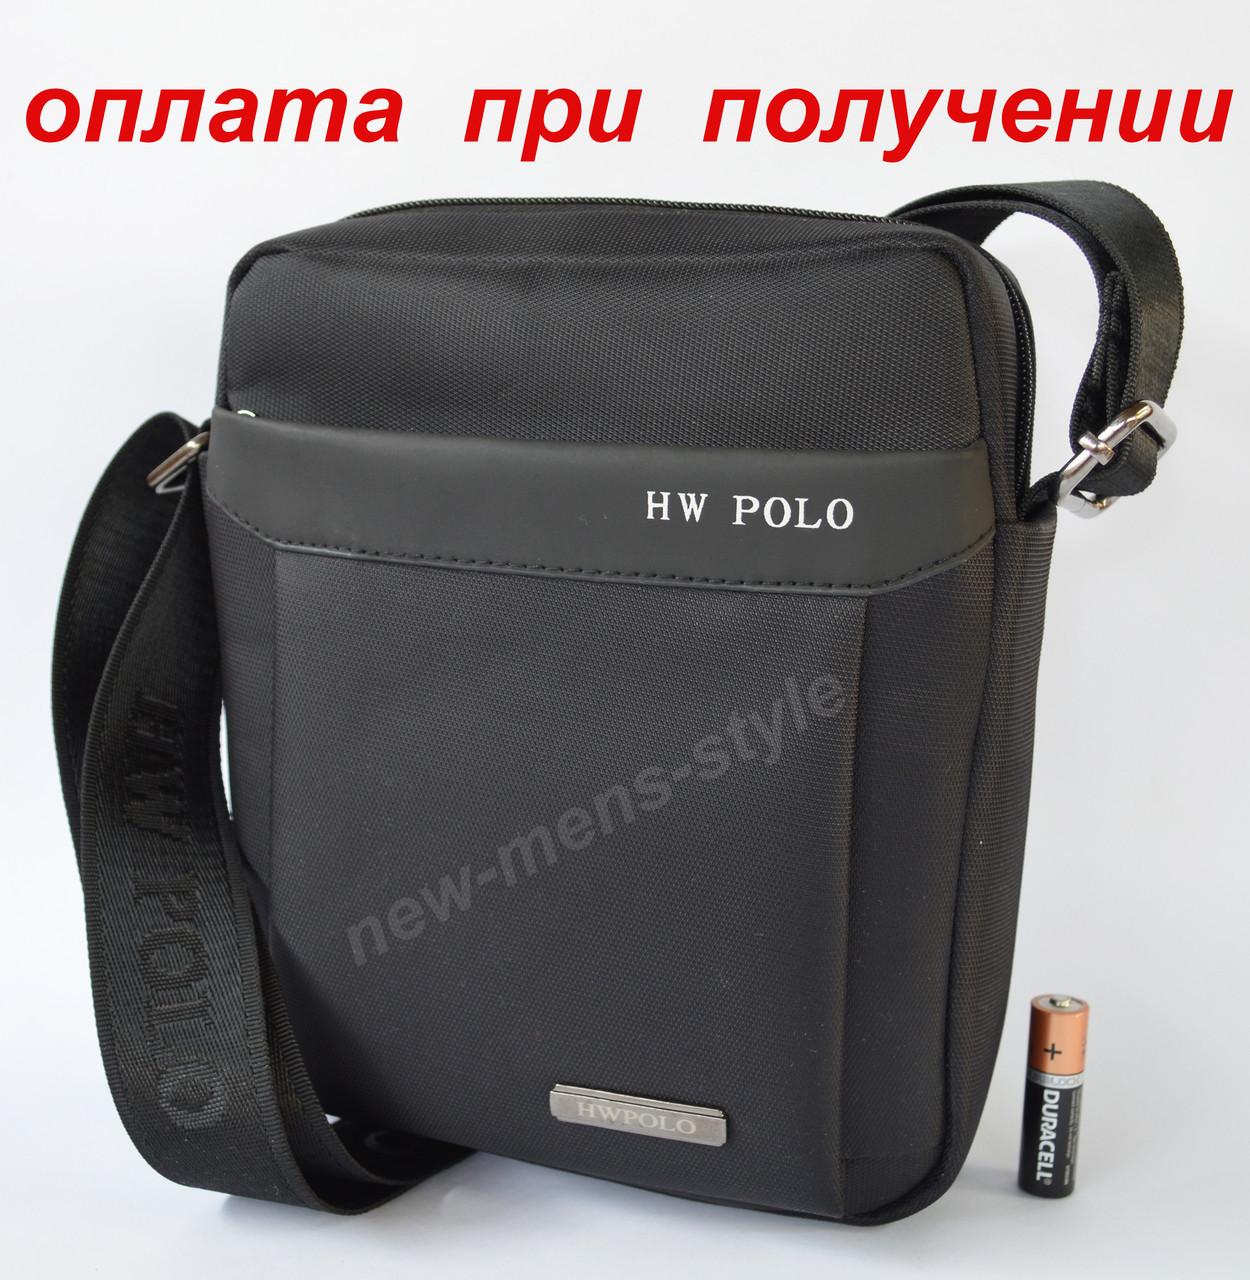 d5857cbdf941 Мужская через плечо тканевая сумка слинг рюкзак барсетка Polo купить ...